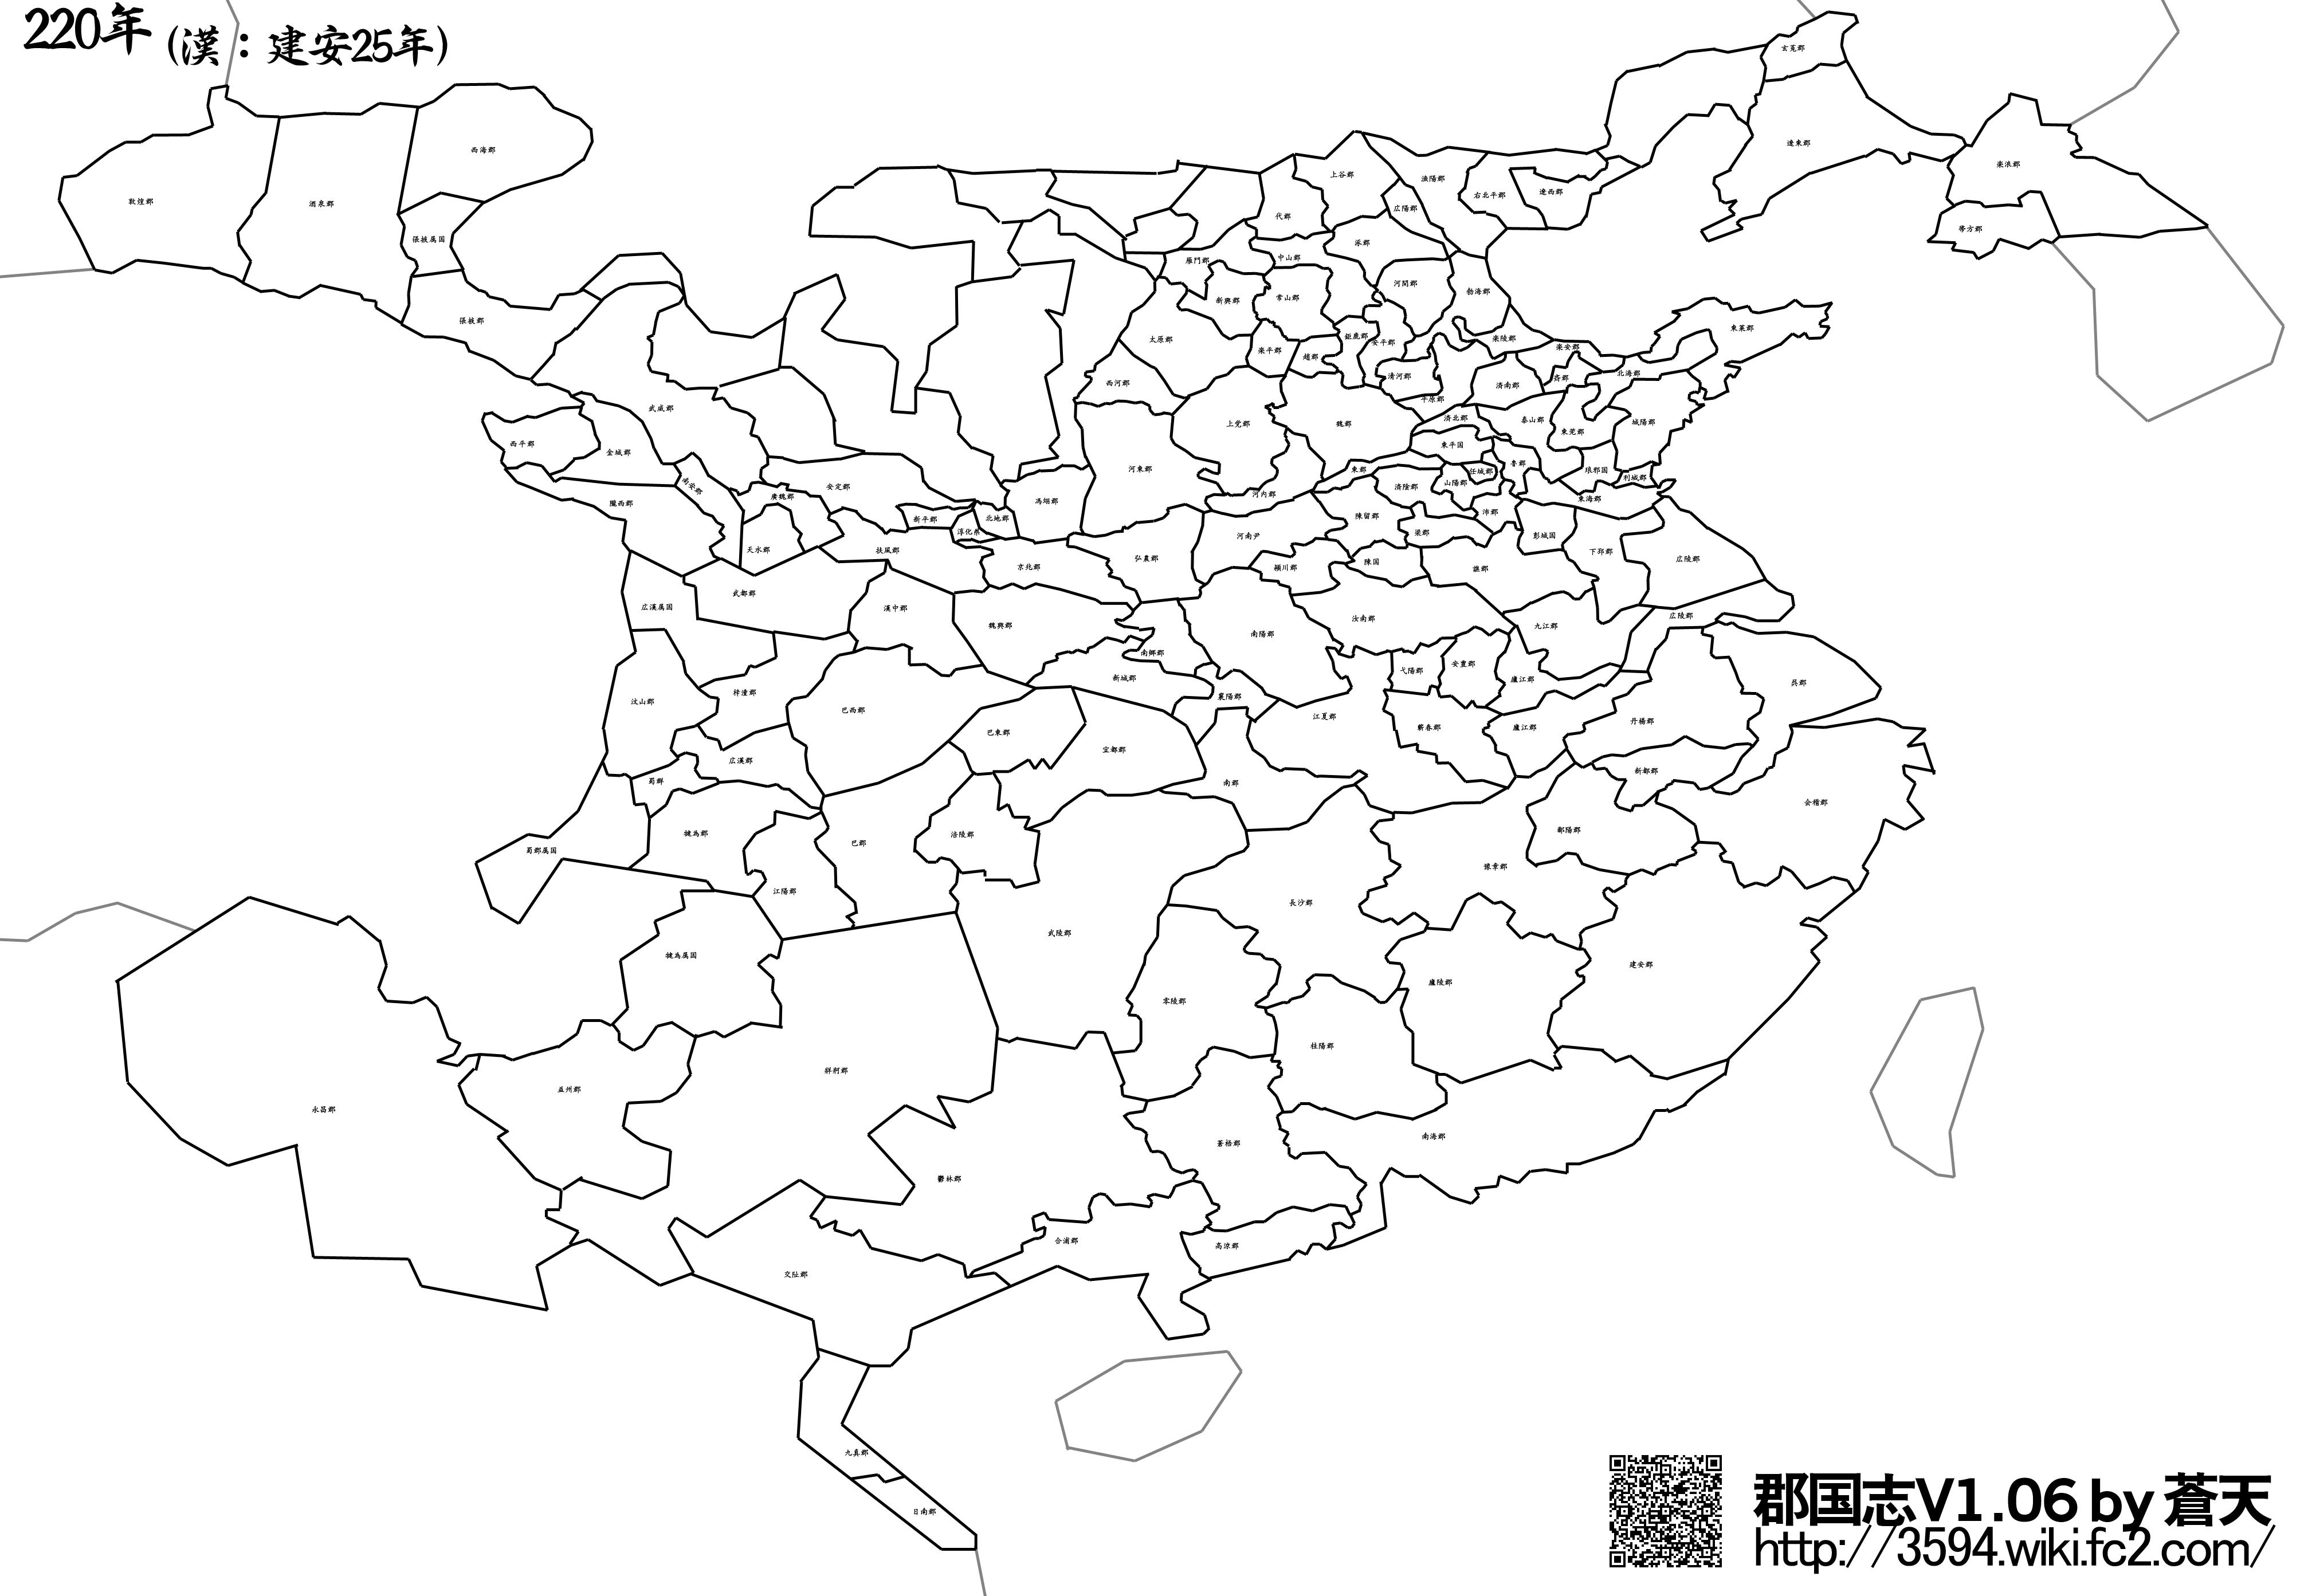 郡国志v106_220年